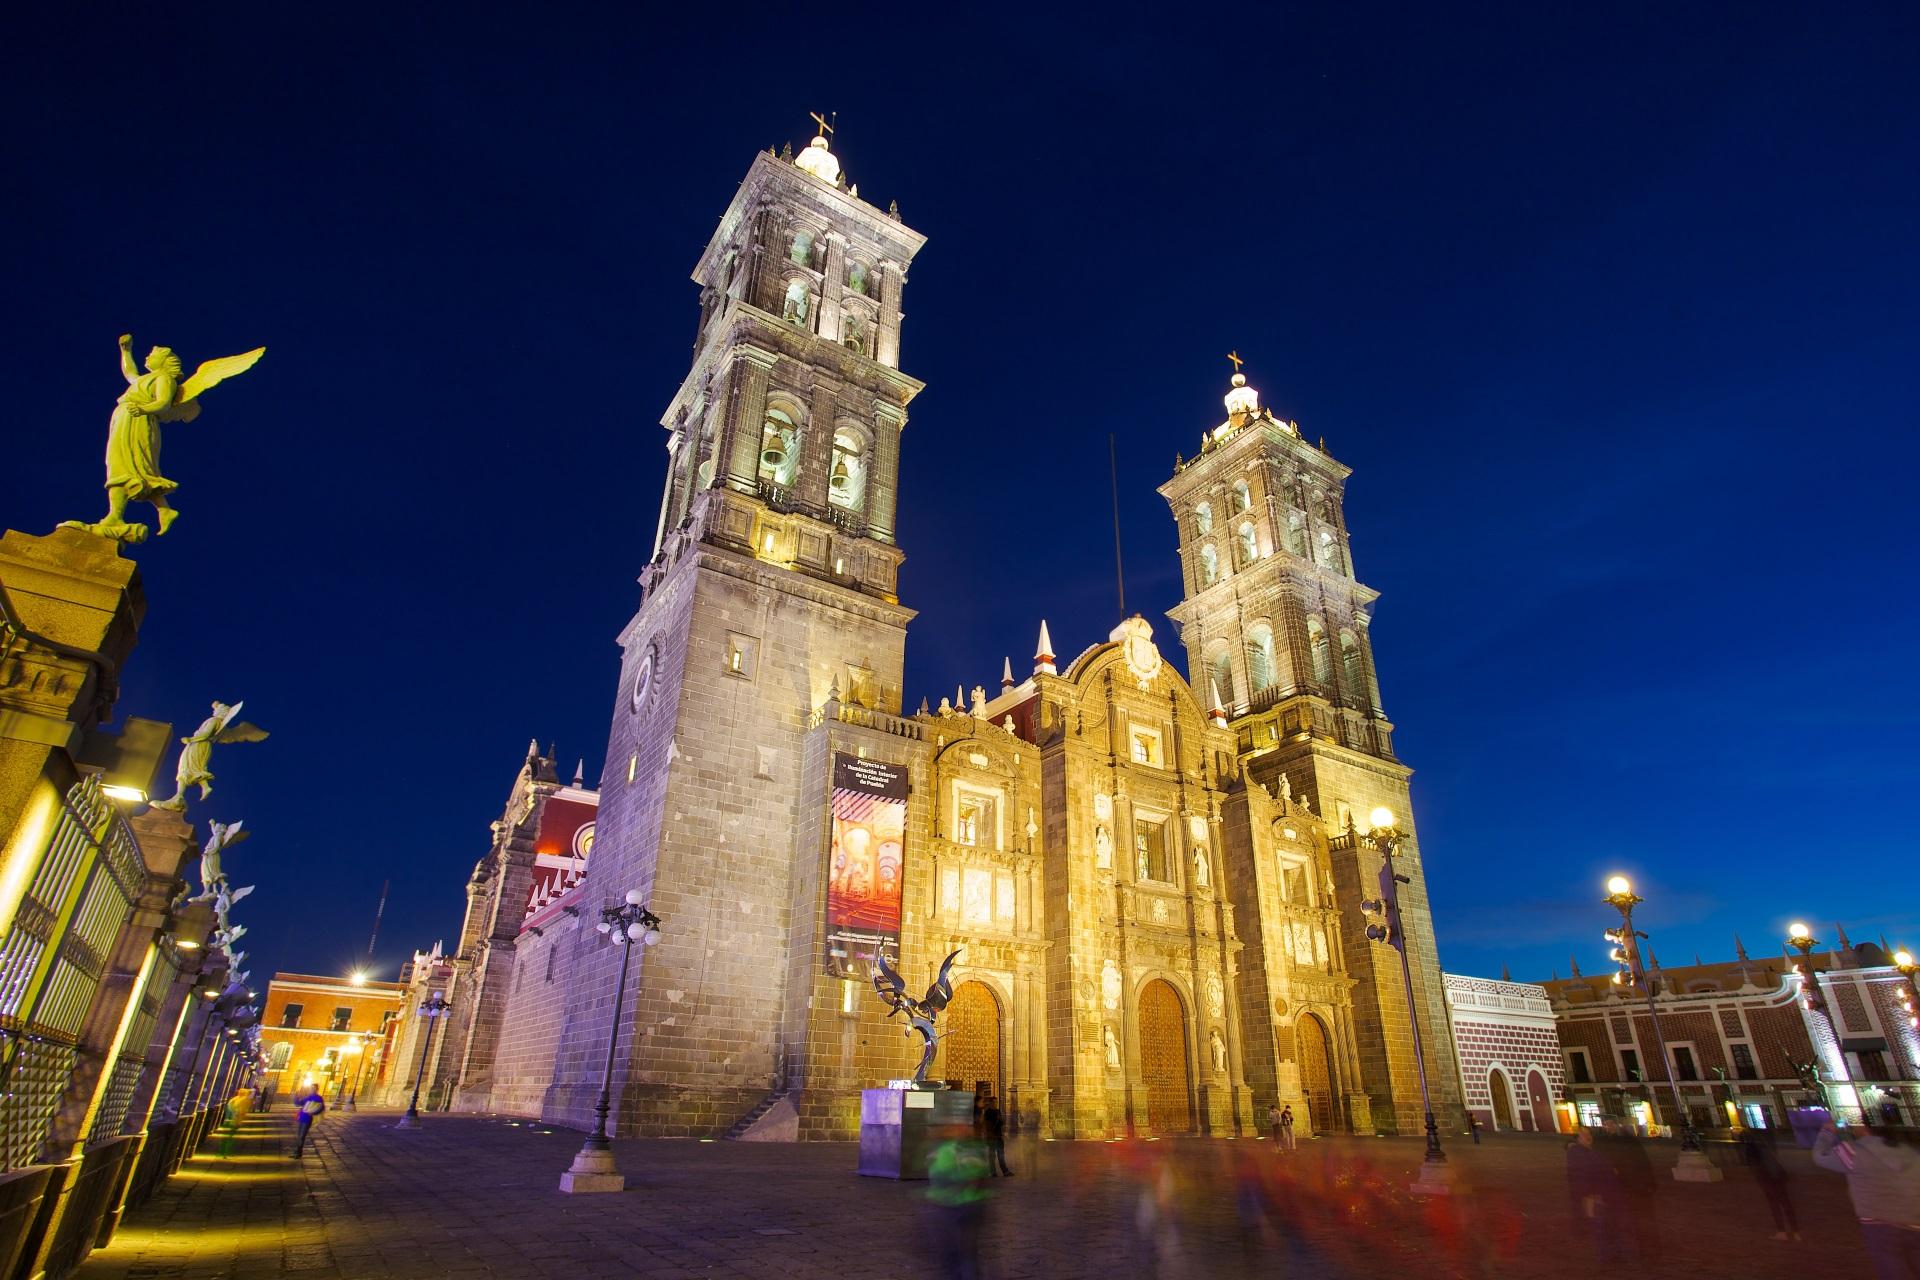 https://s3.amazonaws.com/nstcdn/wp-content/uploads/2016/08/Puebla_Castle.jpg